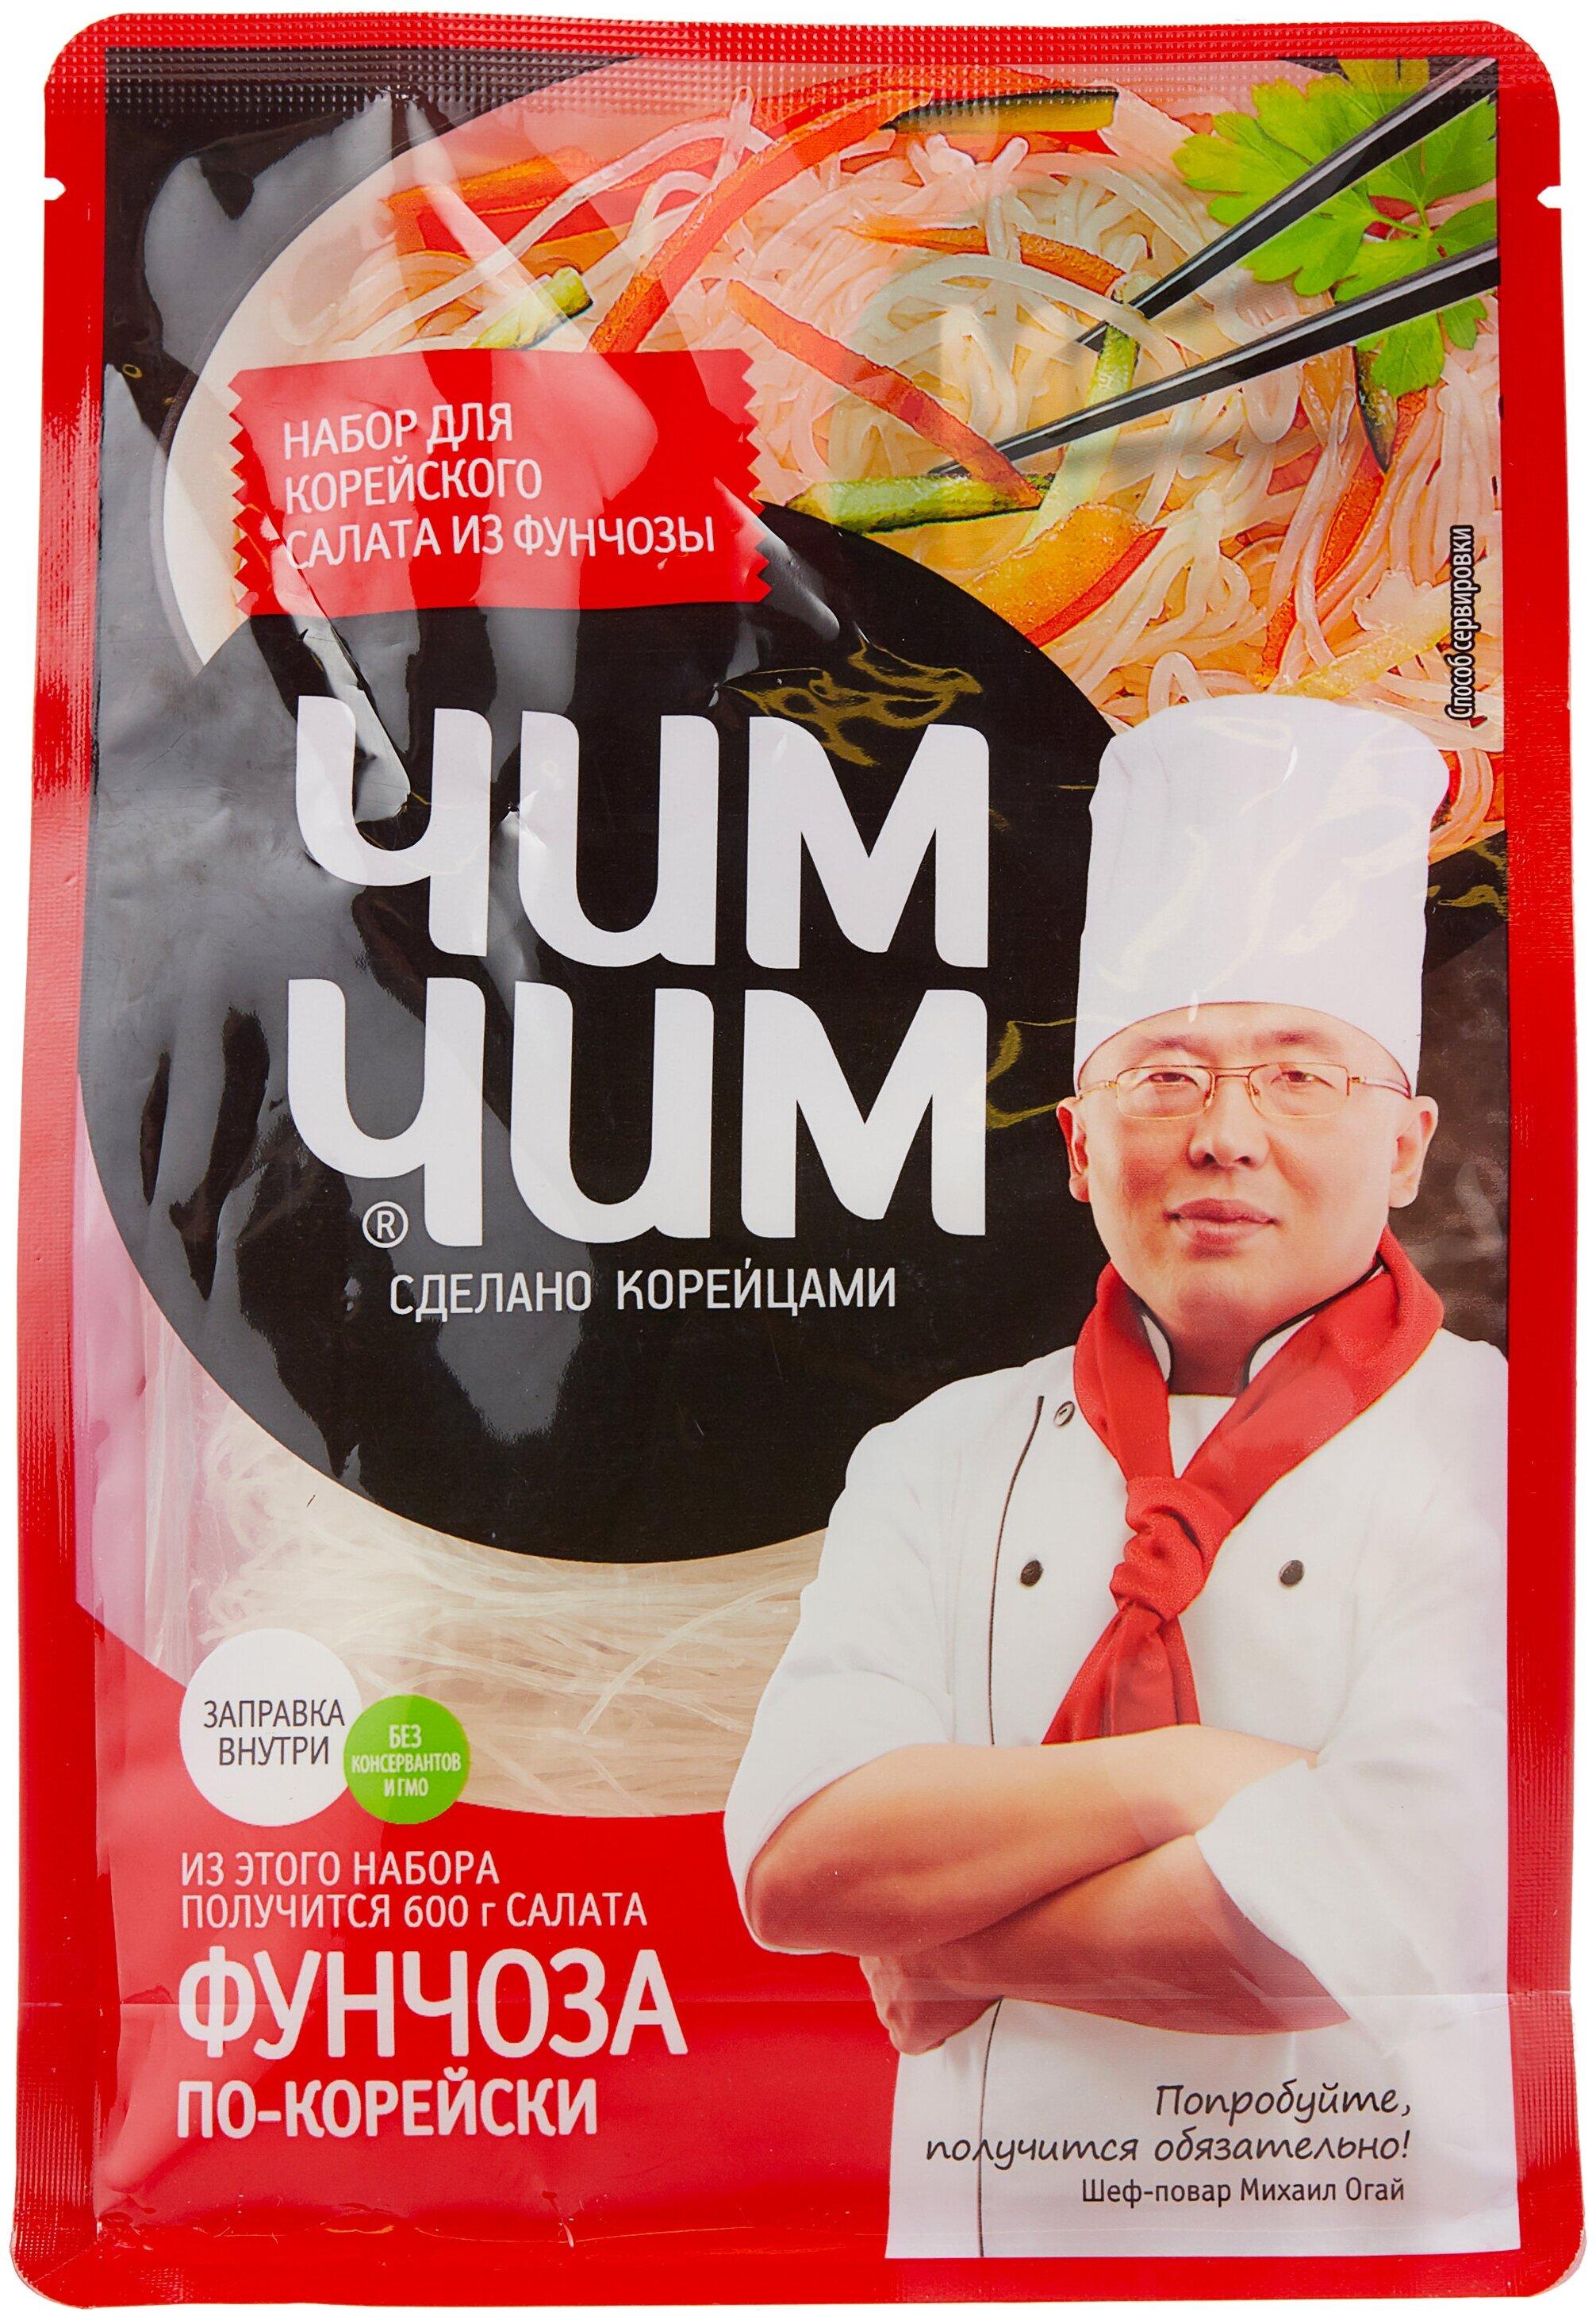 ЧИМ-ЧИМ Набор для корейского салата из фунчозы, 160 г — купить по выгодной цене на Яндекс.Маркете